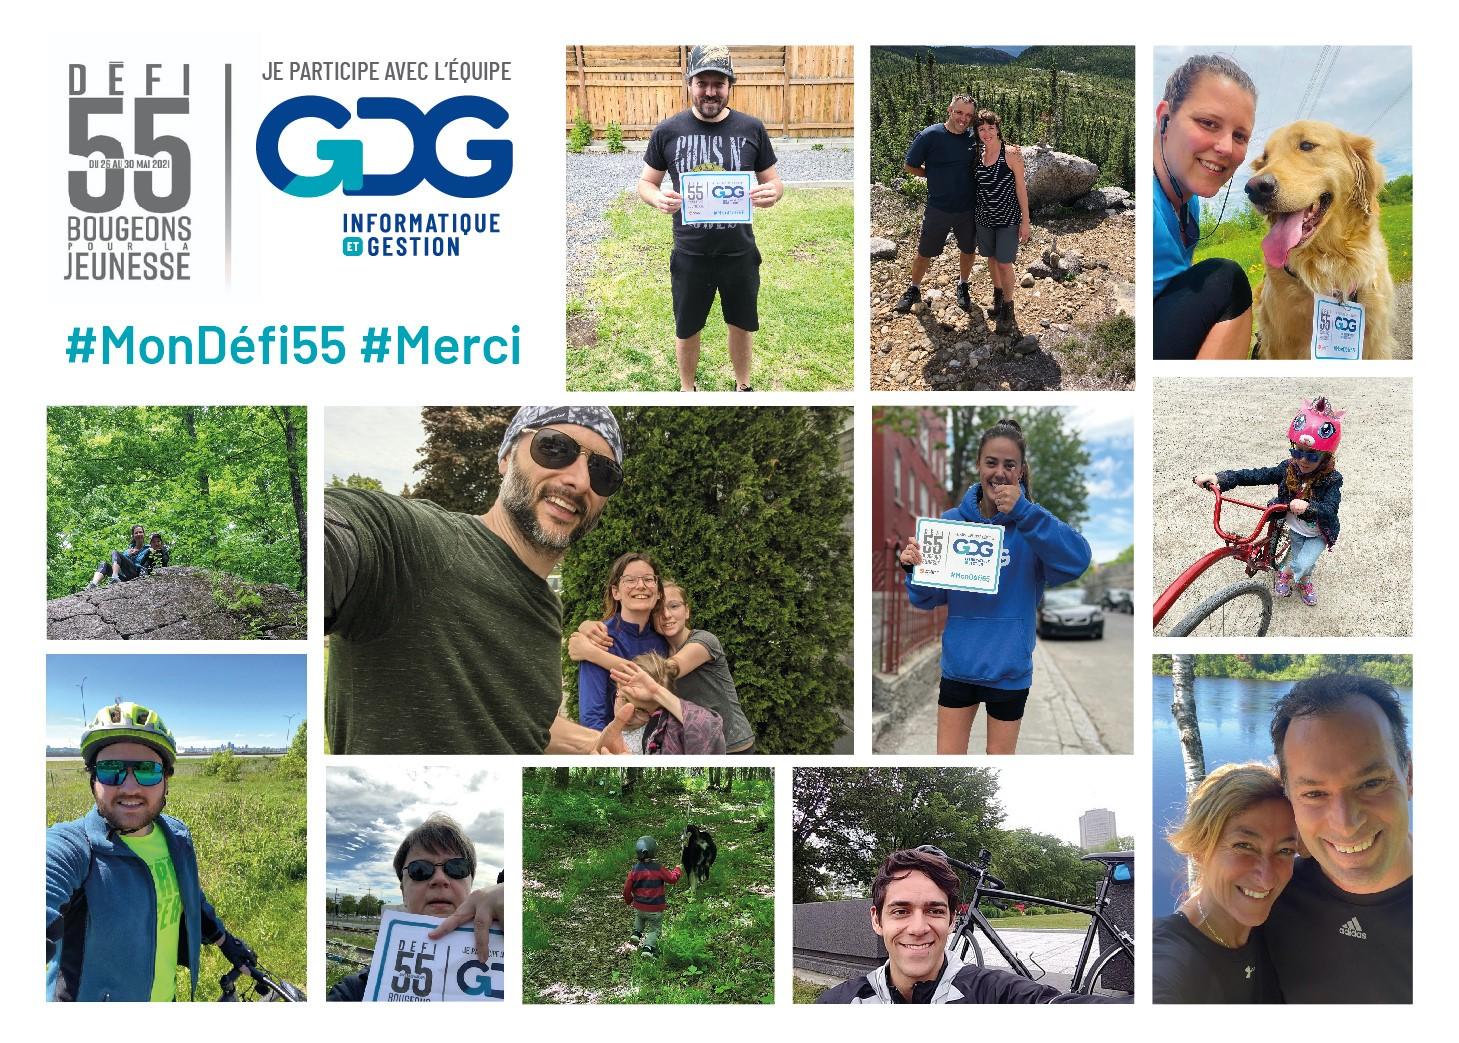 Montage de photos des participants de GDG au Défi 55 de Motivaction Jeunesse